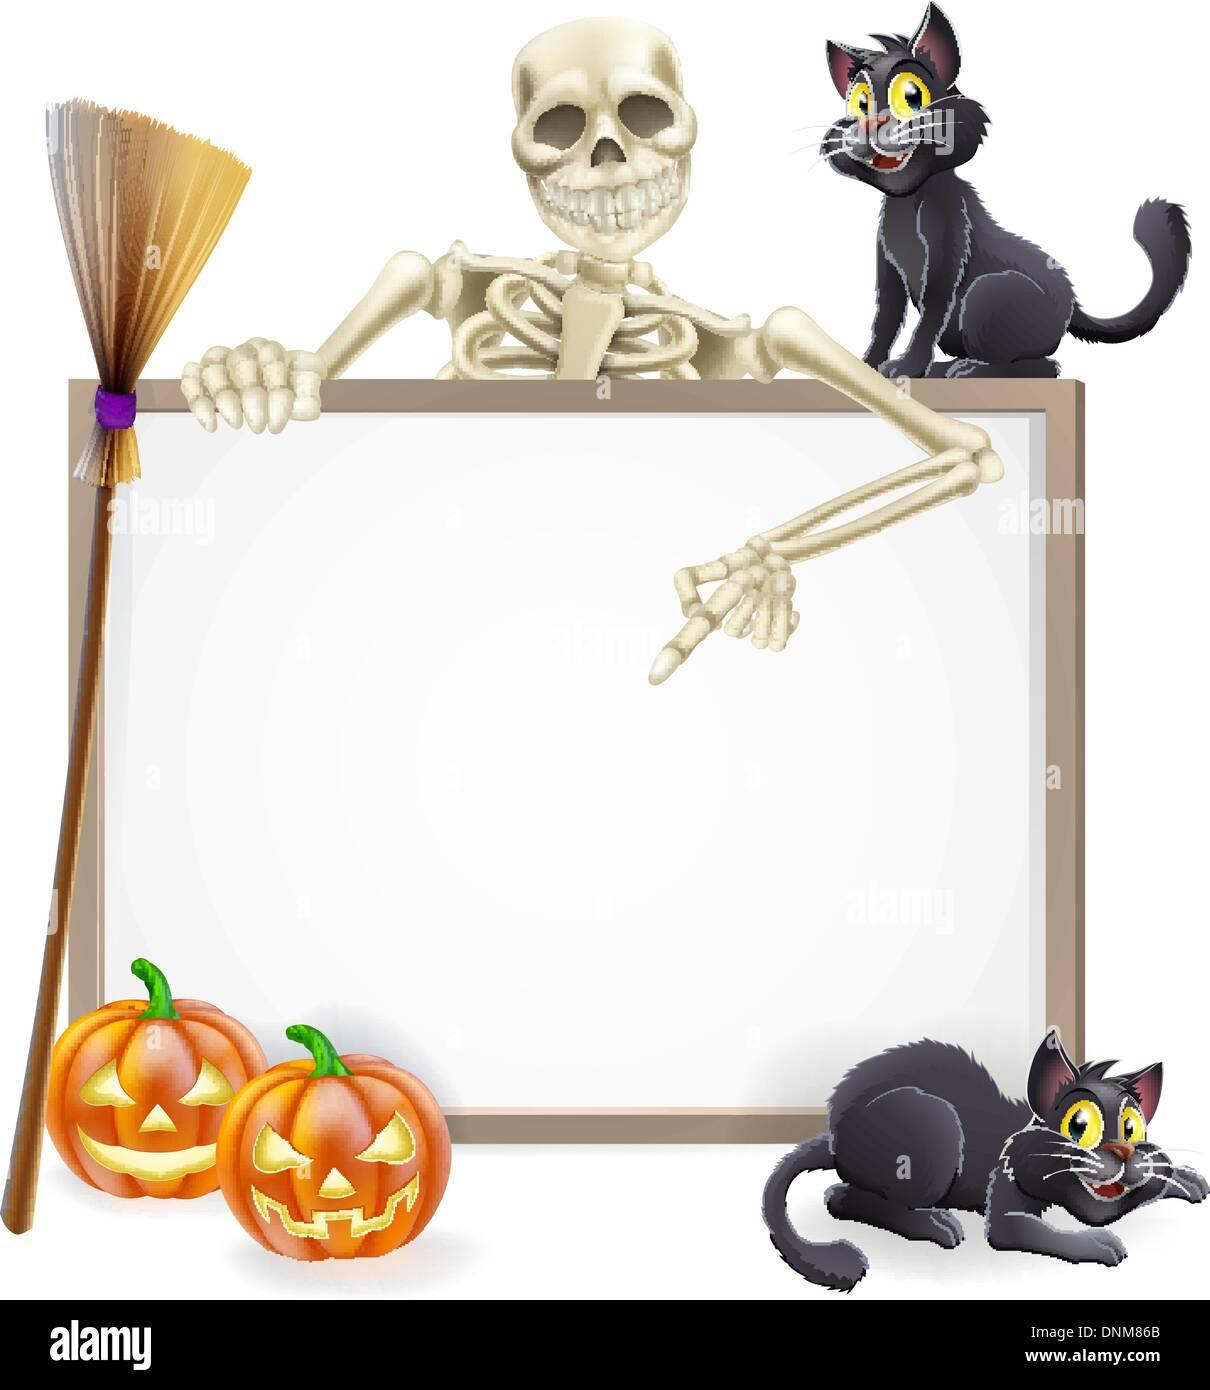 Un segno di Halloween con un classico carattere di scheletro con la punta  rivolta verso il 449fa875505b